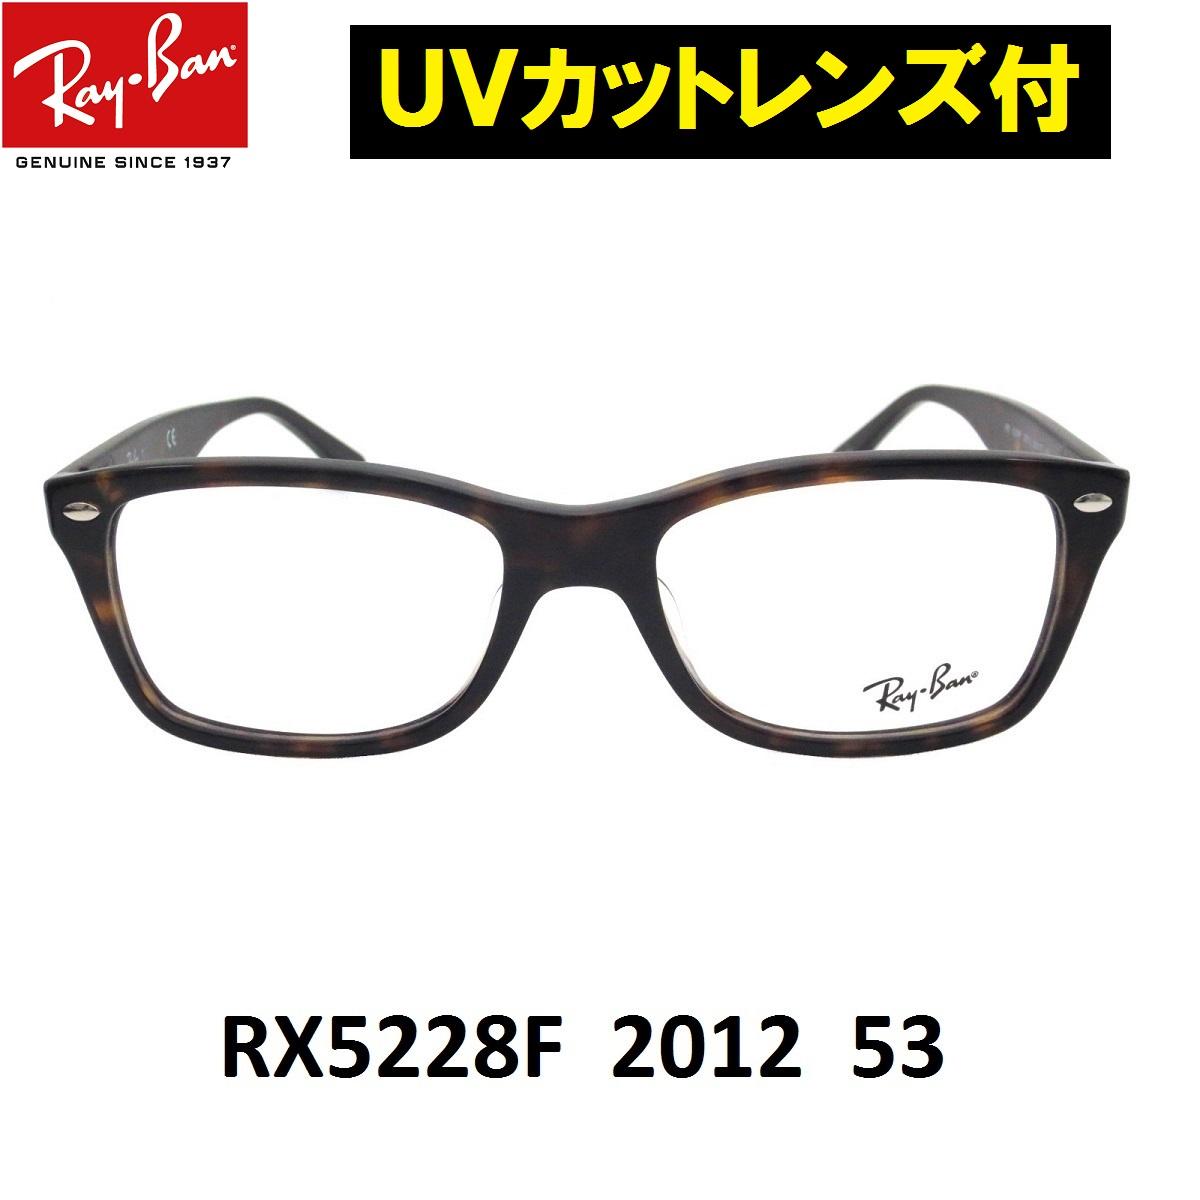 UVカットレンズ付 レイバン 伊達メガネ UV400レンズ付メガネ メガネフレーム眼鏡 Ray-Ban RX5228F 2012セルフレーム(フルフィット) クリアレンズ 近視 乱視 老眼鏡 ブルーライト【ミラリジャパンメーカー保証書付】